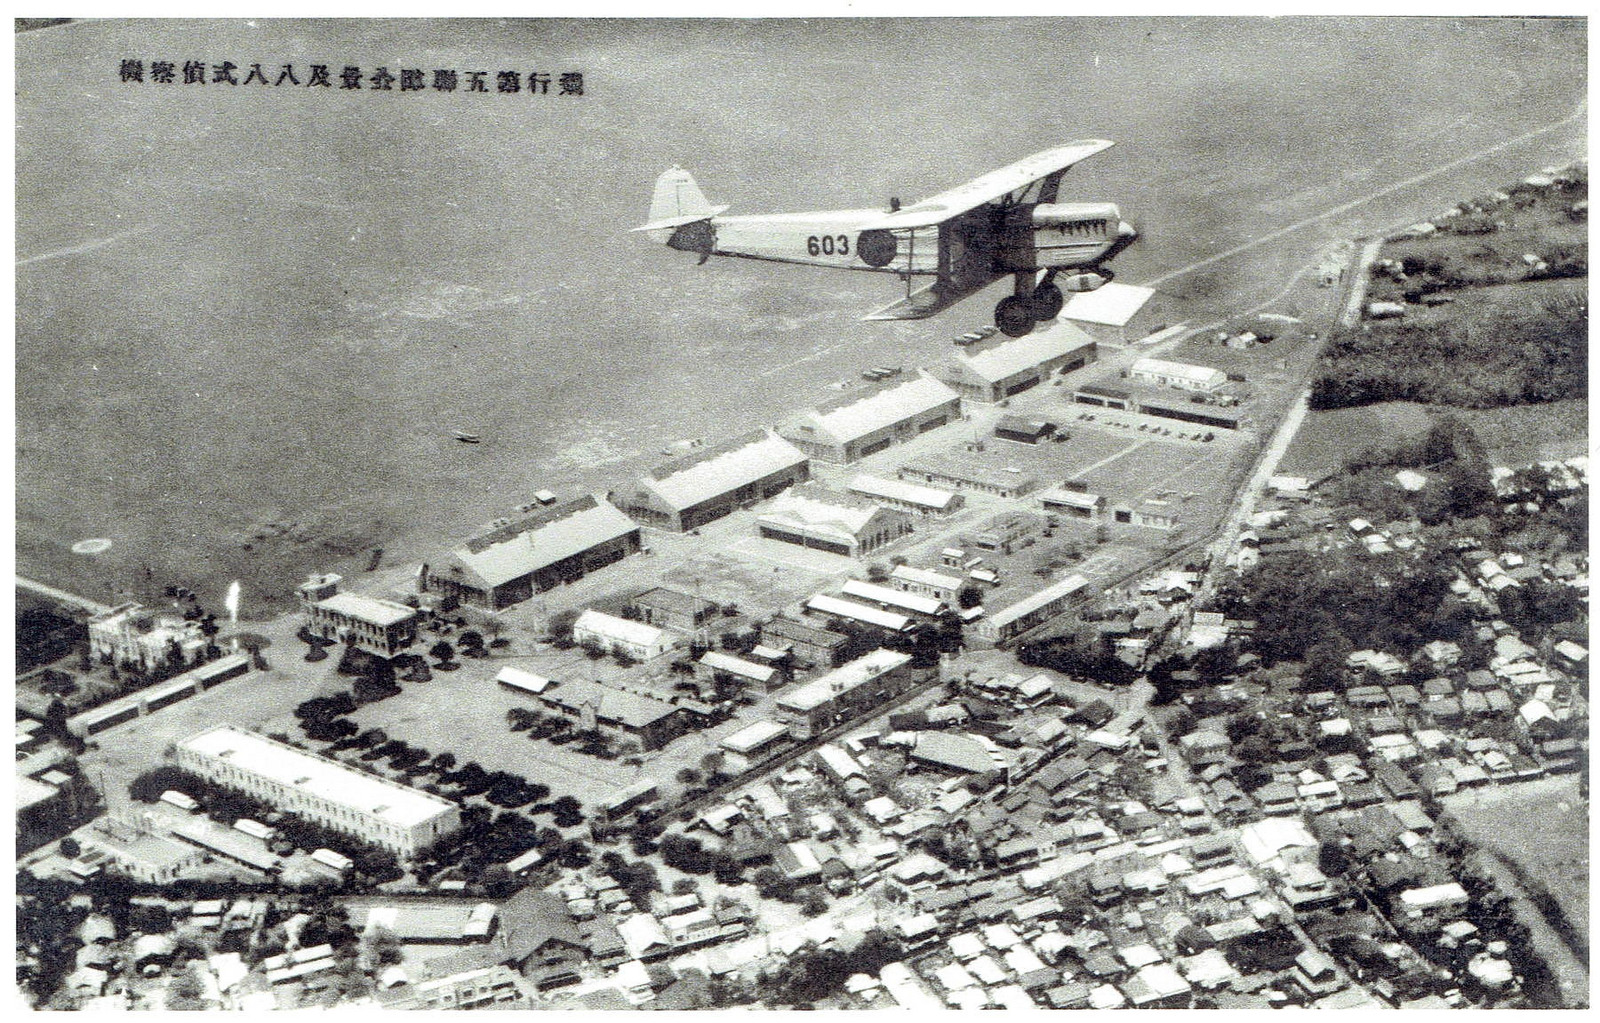 片影:立川飛行場(5): 海の陸兵